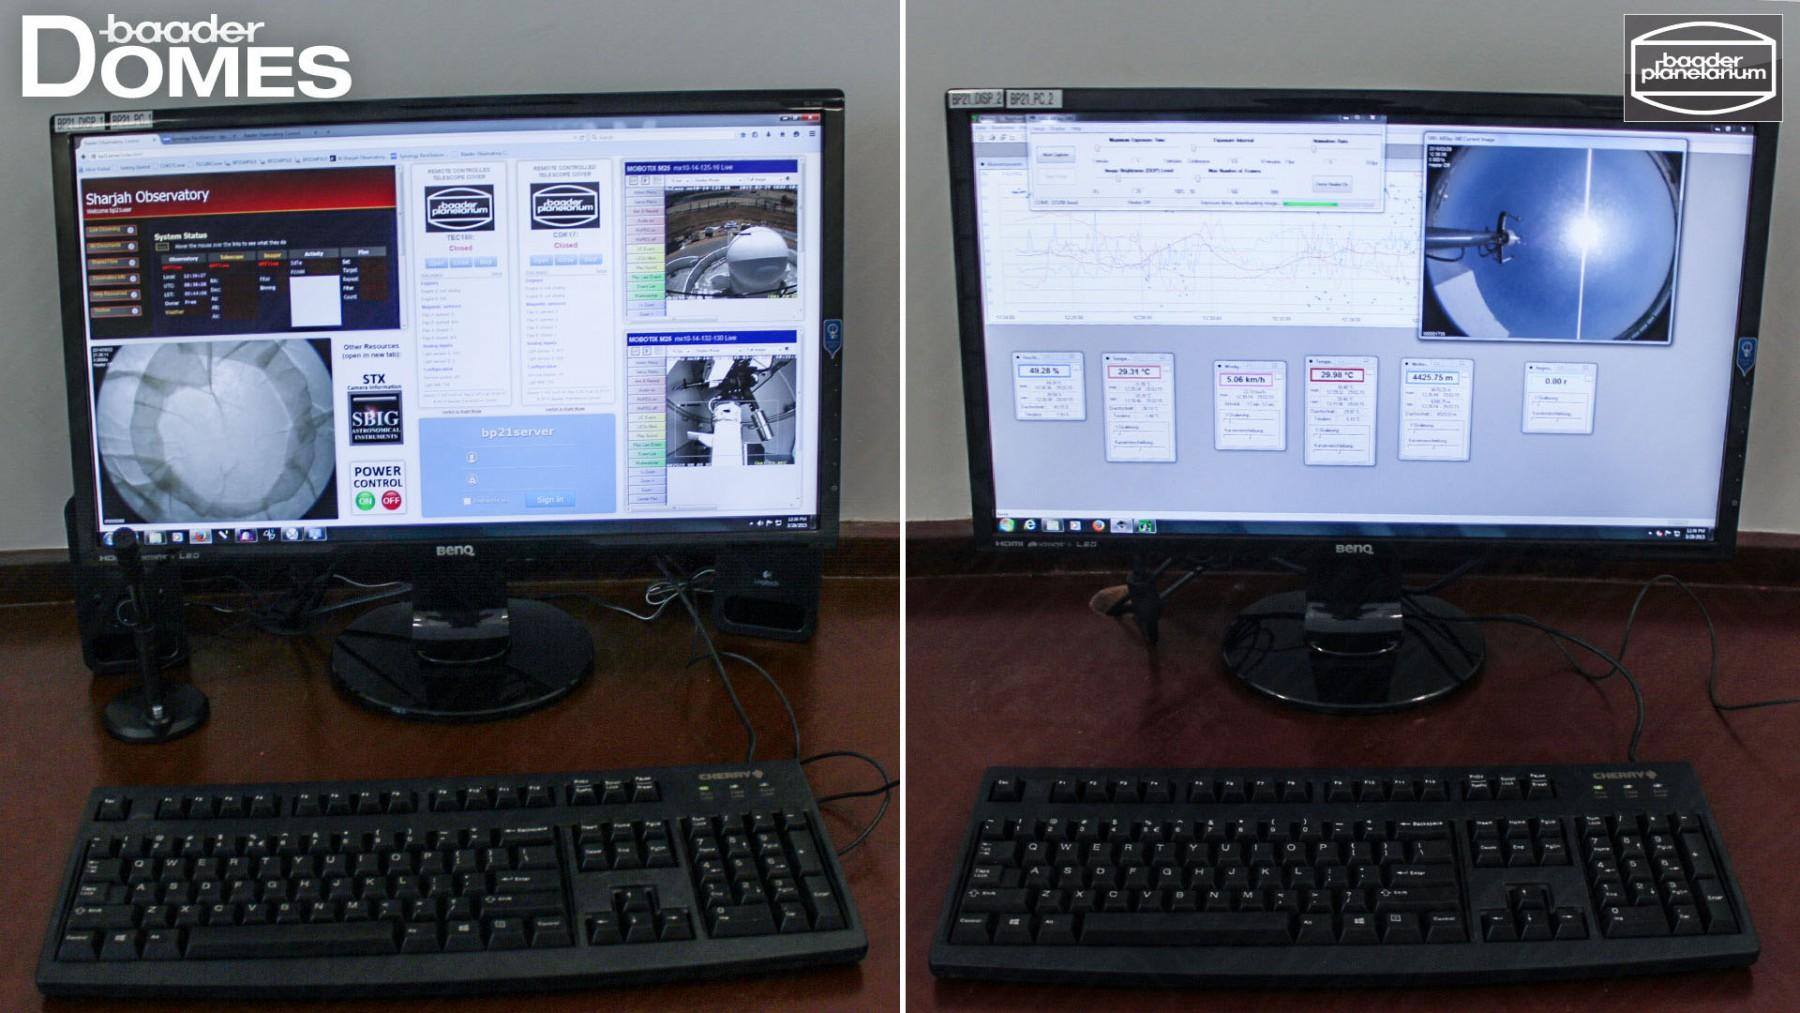 Anwendungsbild: CloseUp der PC-Steuerung für die Remote Controlled Sternwarte in Sharjah